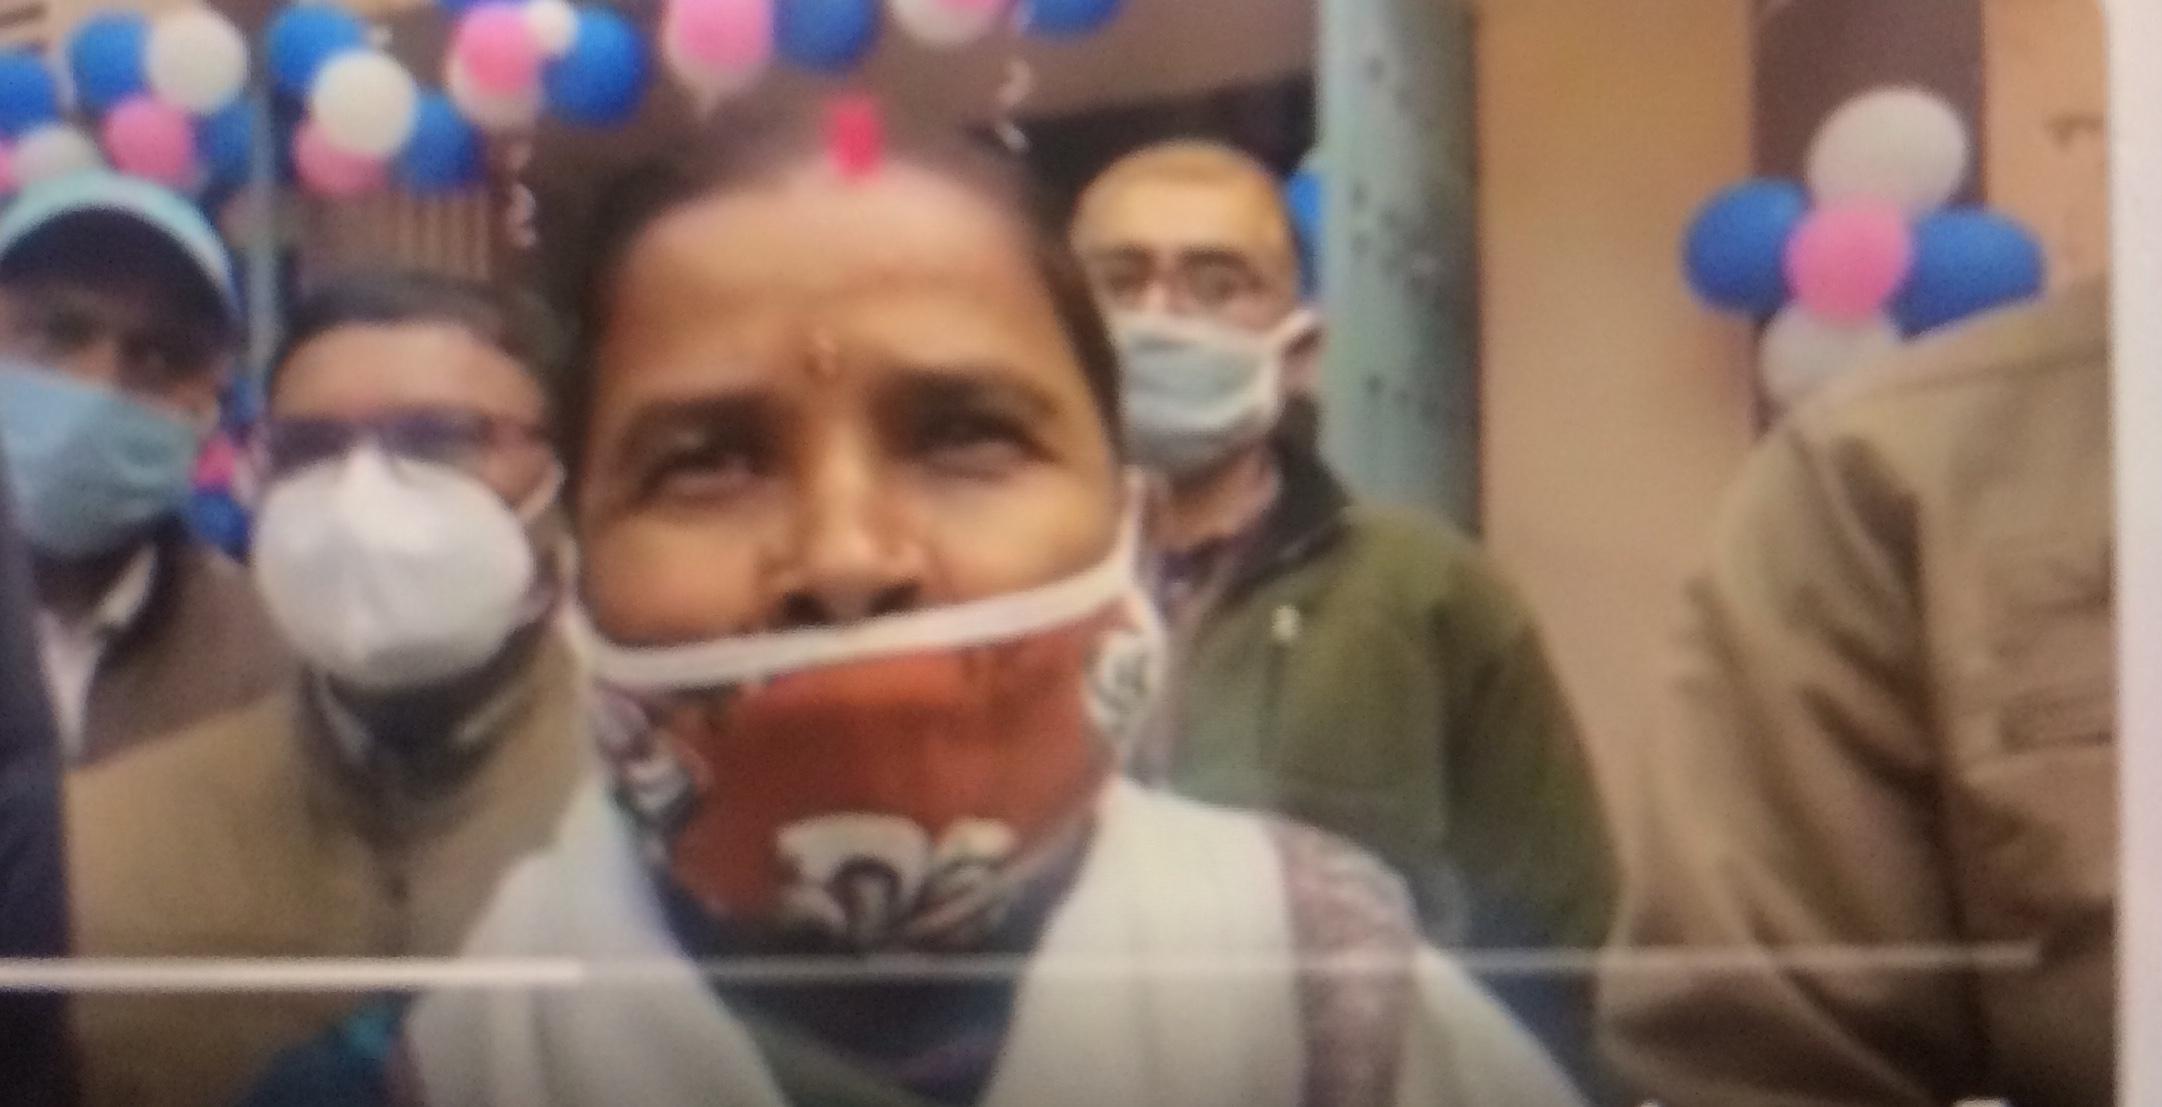 <p>Koderama में पहला टीका लेने के बाद सदर अस्पताल की सफाई कर्मी कुसुम देवी ने कहा कि पहले उनके मन में भ्रम जरूर था लेकिन टीका लेने के बाद उन्हें किसी तरह की परेशानी नहीं हुई है और…